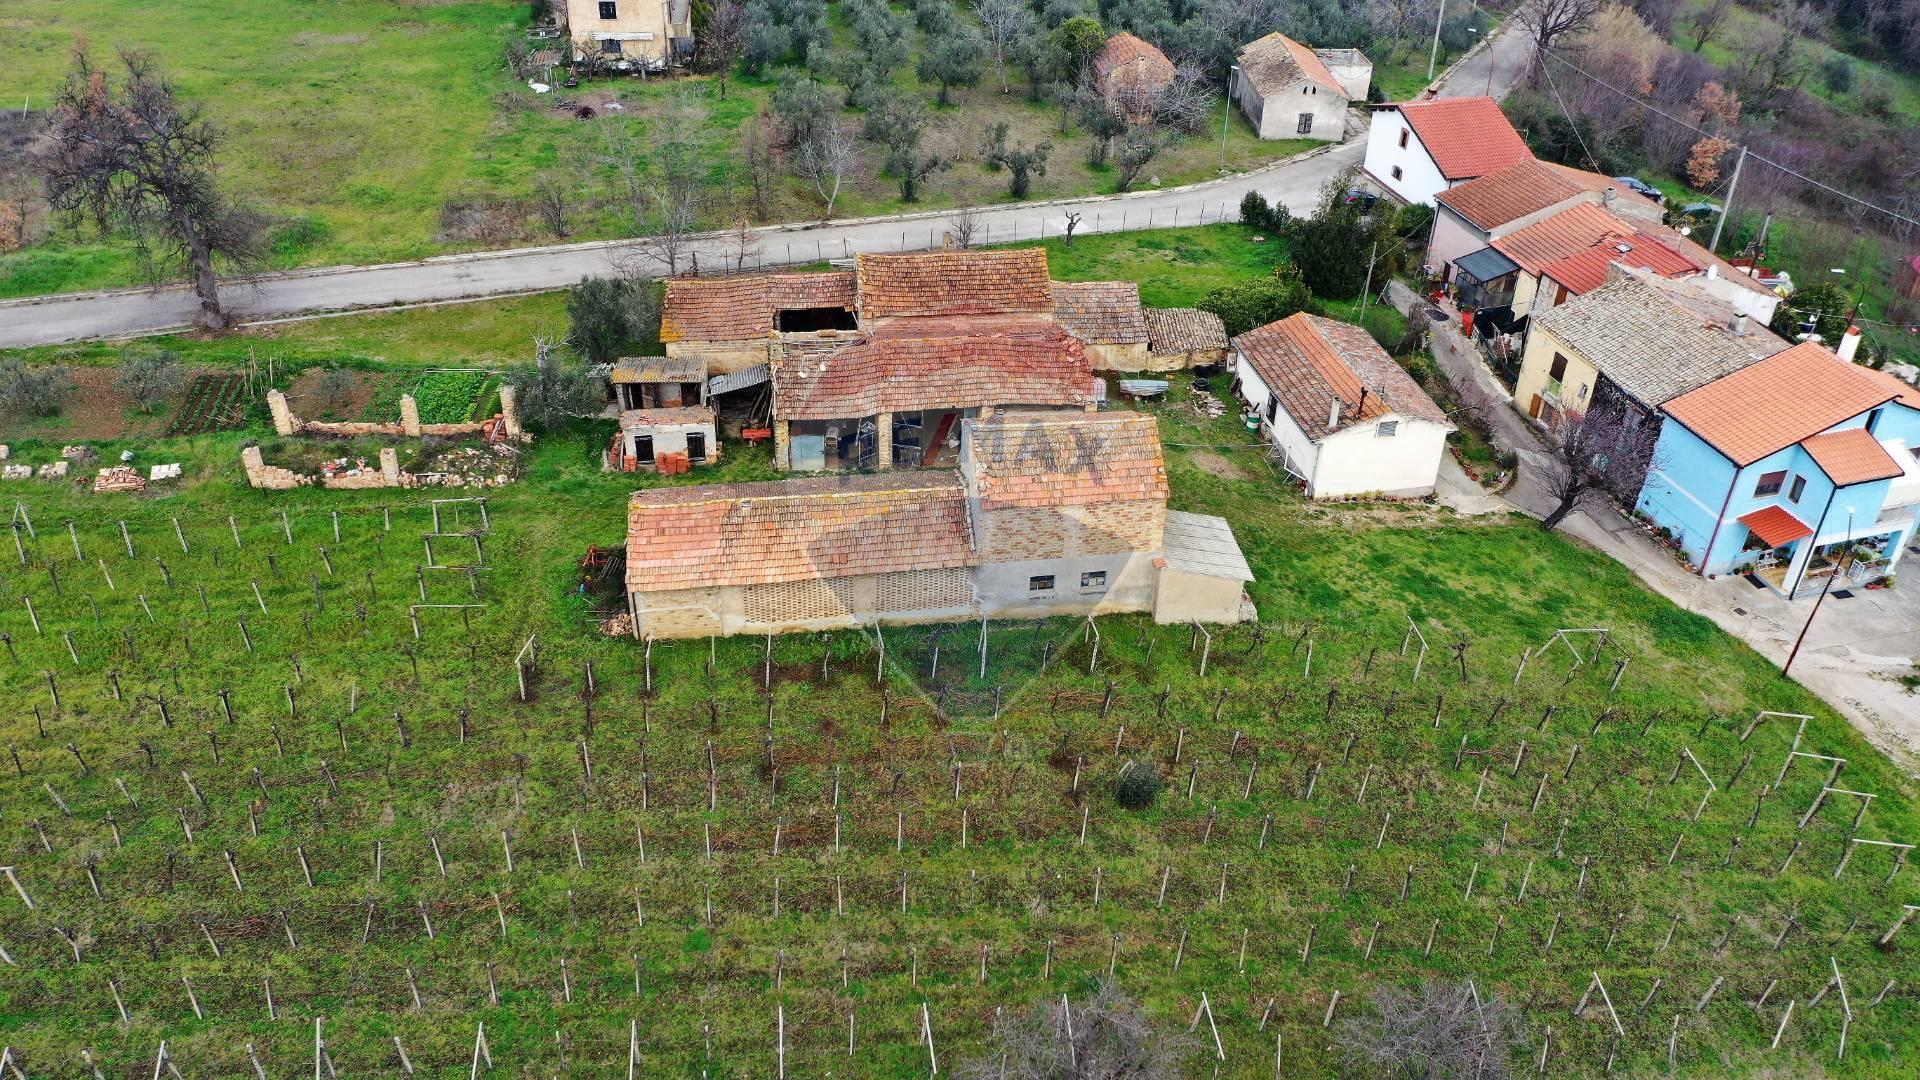 Rustico / Casale in vendita a Rocca San Giovanni, 6 locali, prezzo € 55.000 | CambioCasa.it